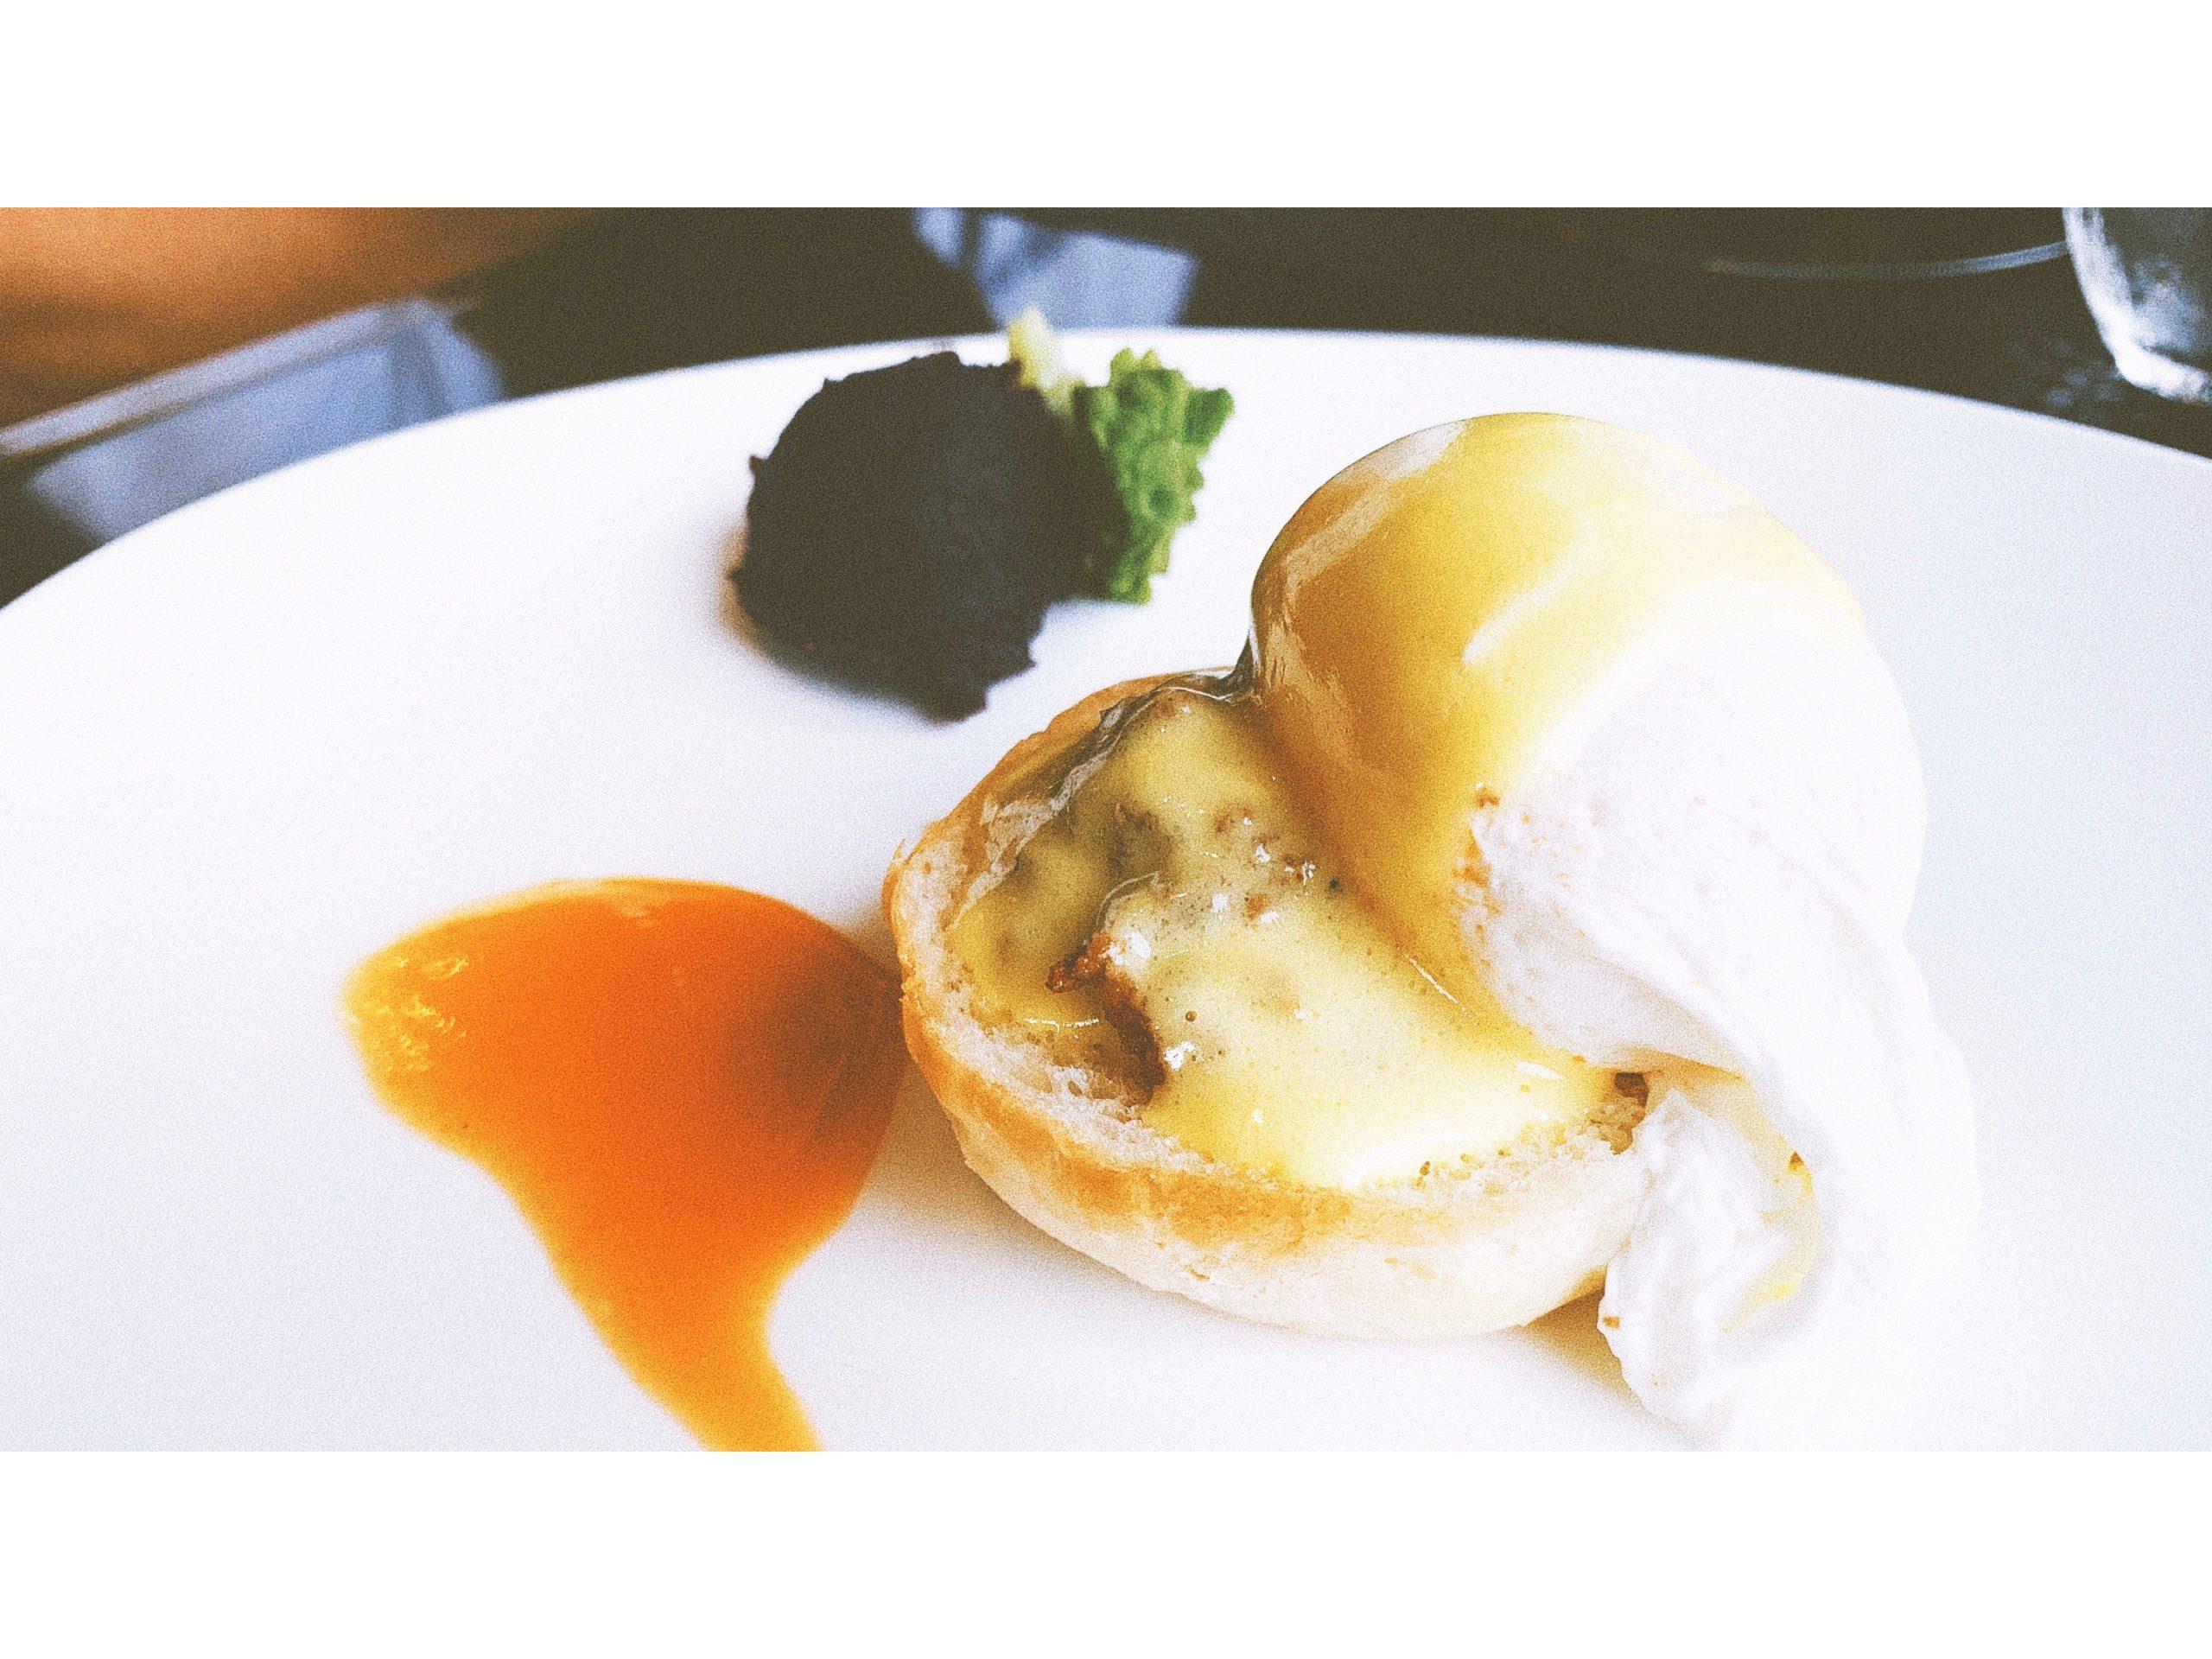 【恩納村】Okinawa spa resort EXES に宿泊!〜朝食編〜